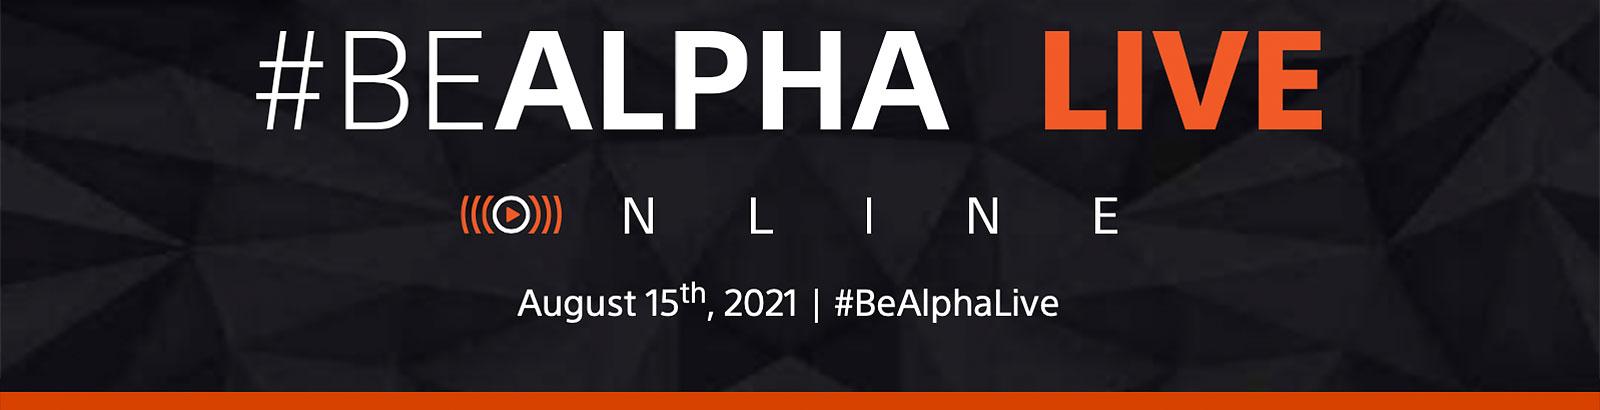 BeAlpha Live Online 8 15 21